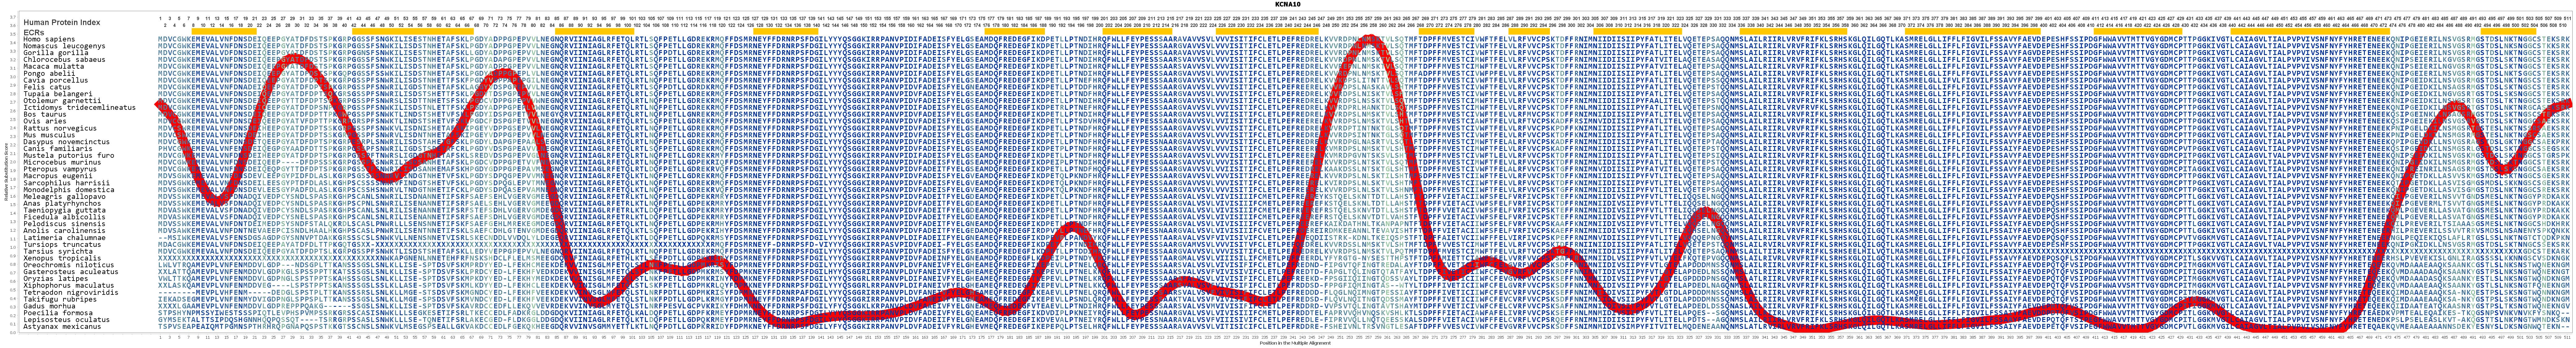 Kcna10 Gene Genecards Kca10 Protein Antibody Taurus Schematics 740 Evolution For